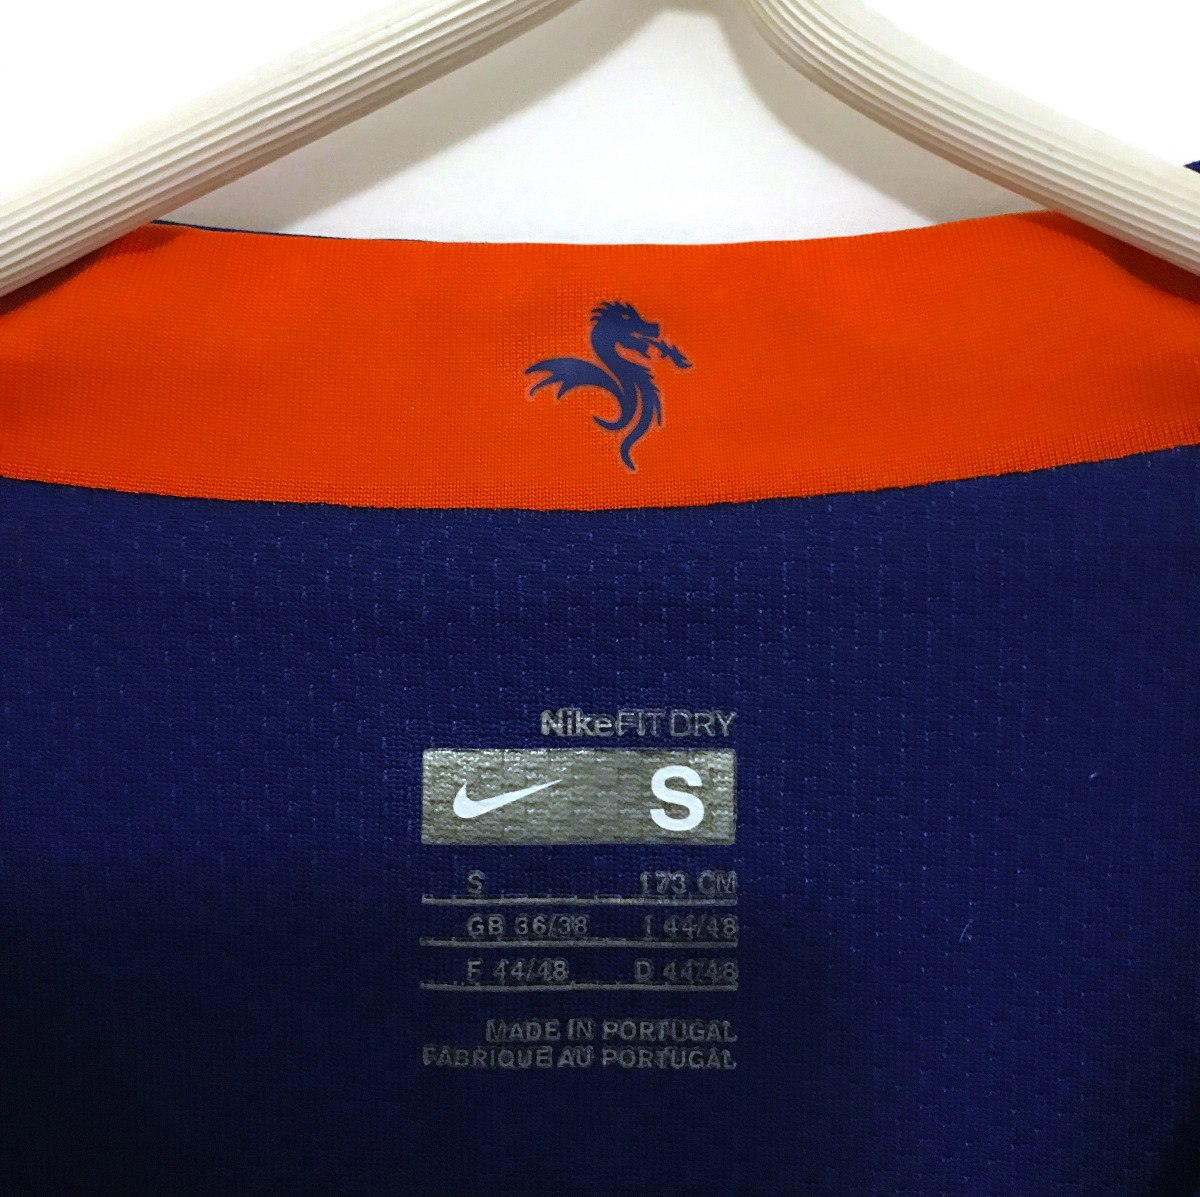 camisa porto home 2008 2009. Carregando zoom. b2744e121f7a6